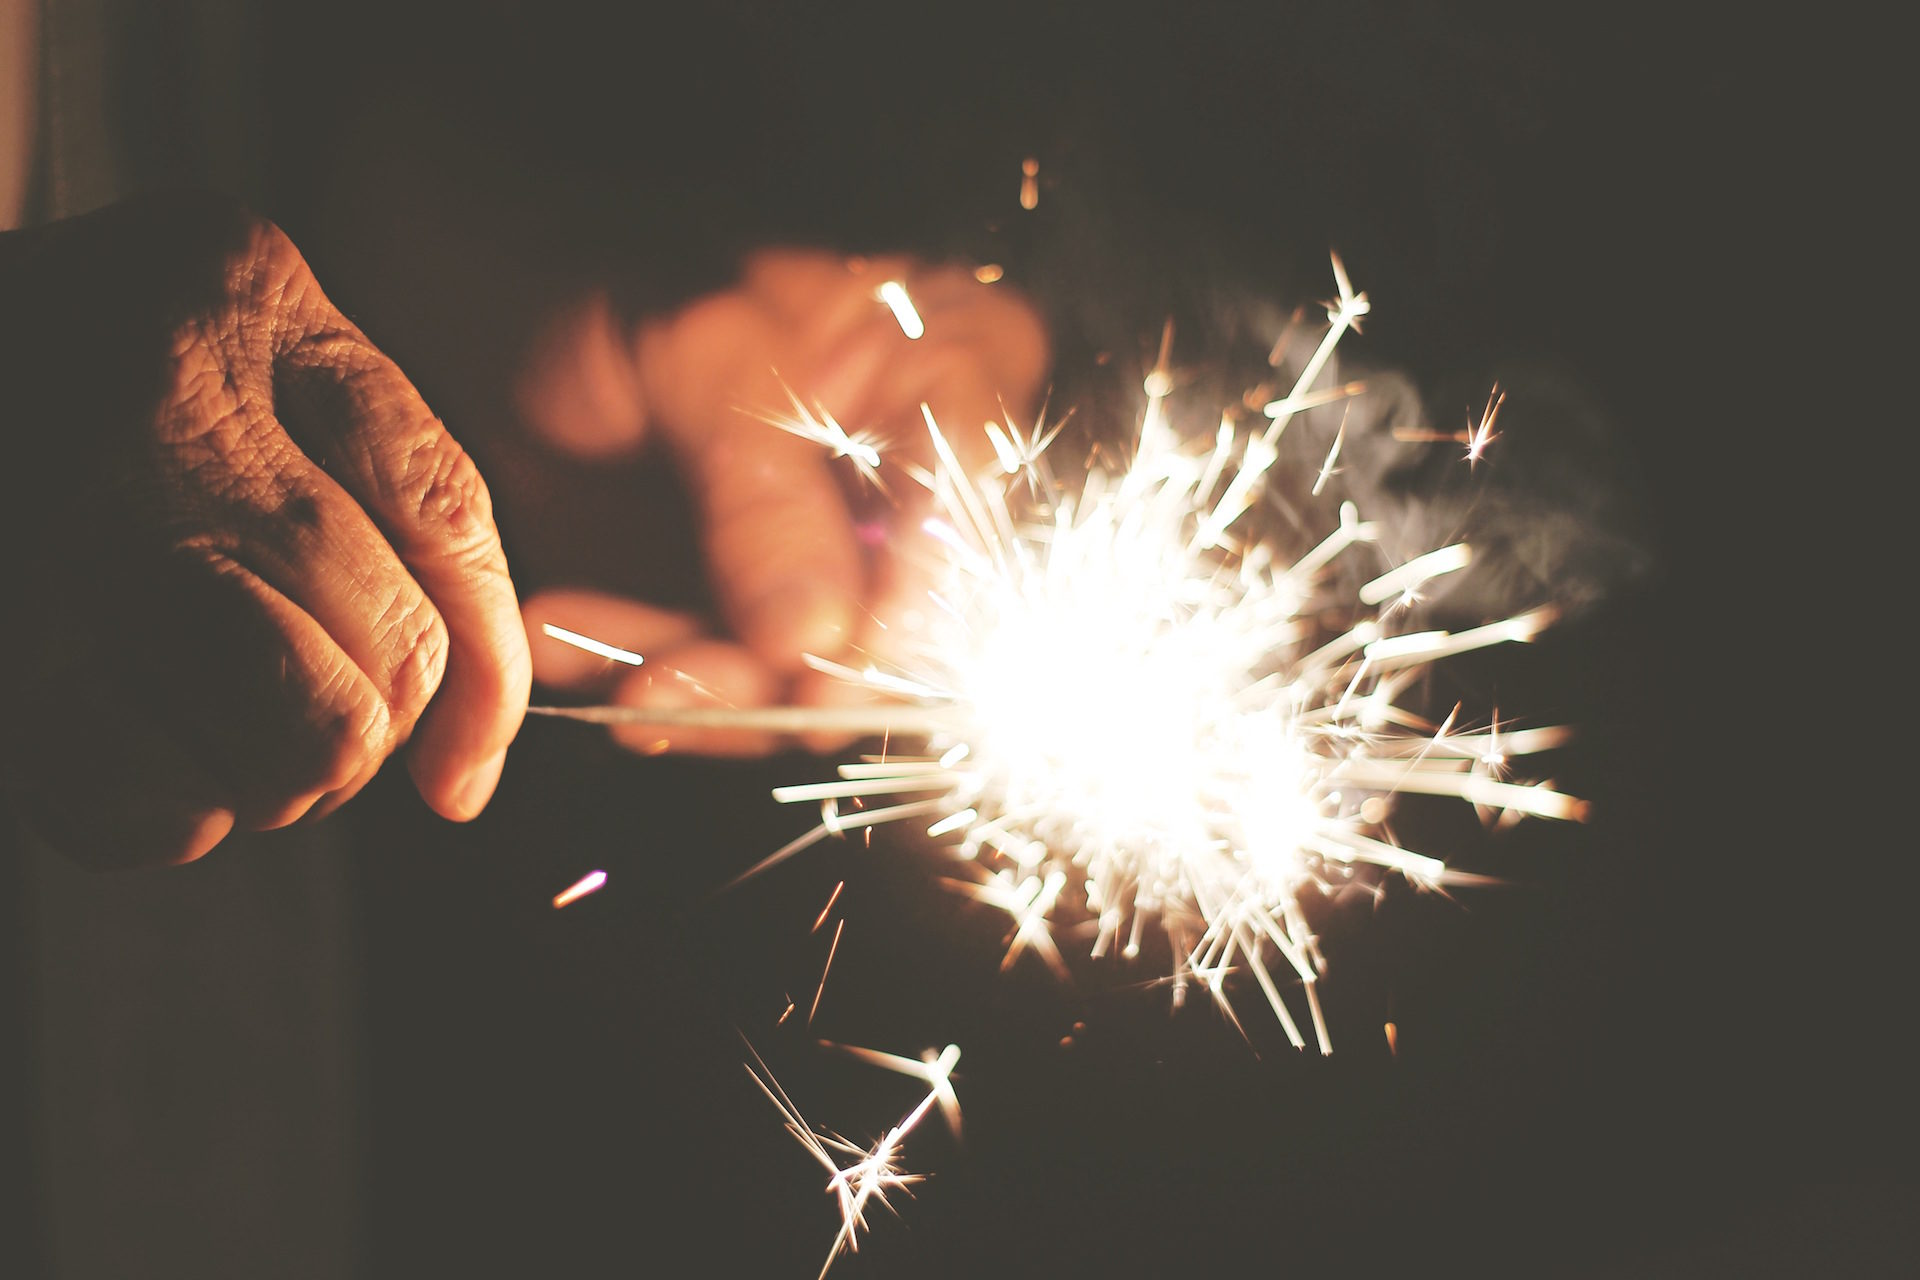 Hände, Falten, Bengalen, Sparks, Licht - Wallpaper HD - Prof.-falken.com